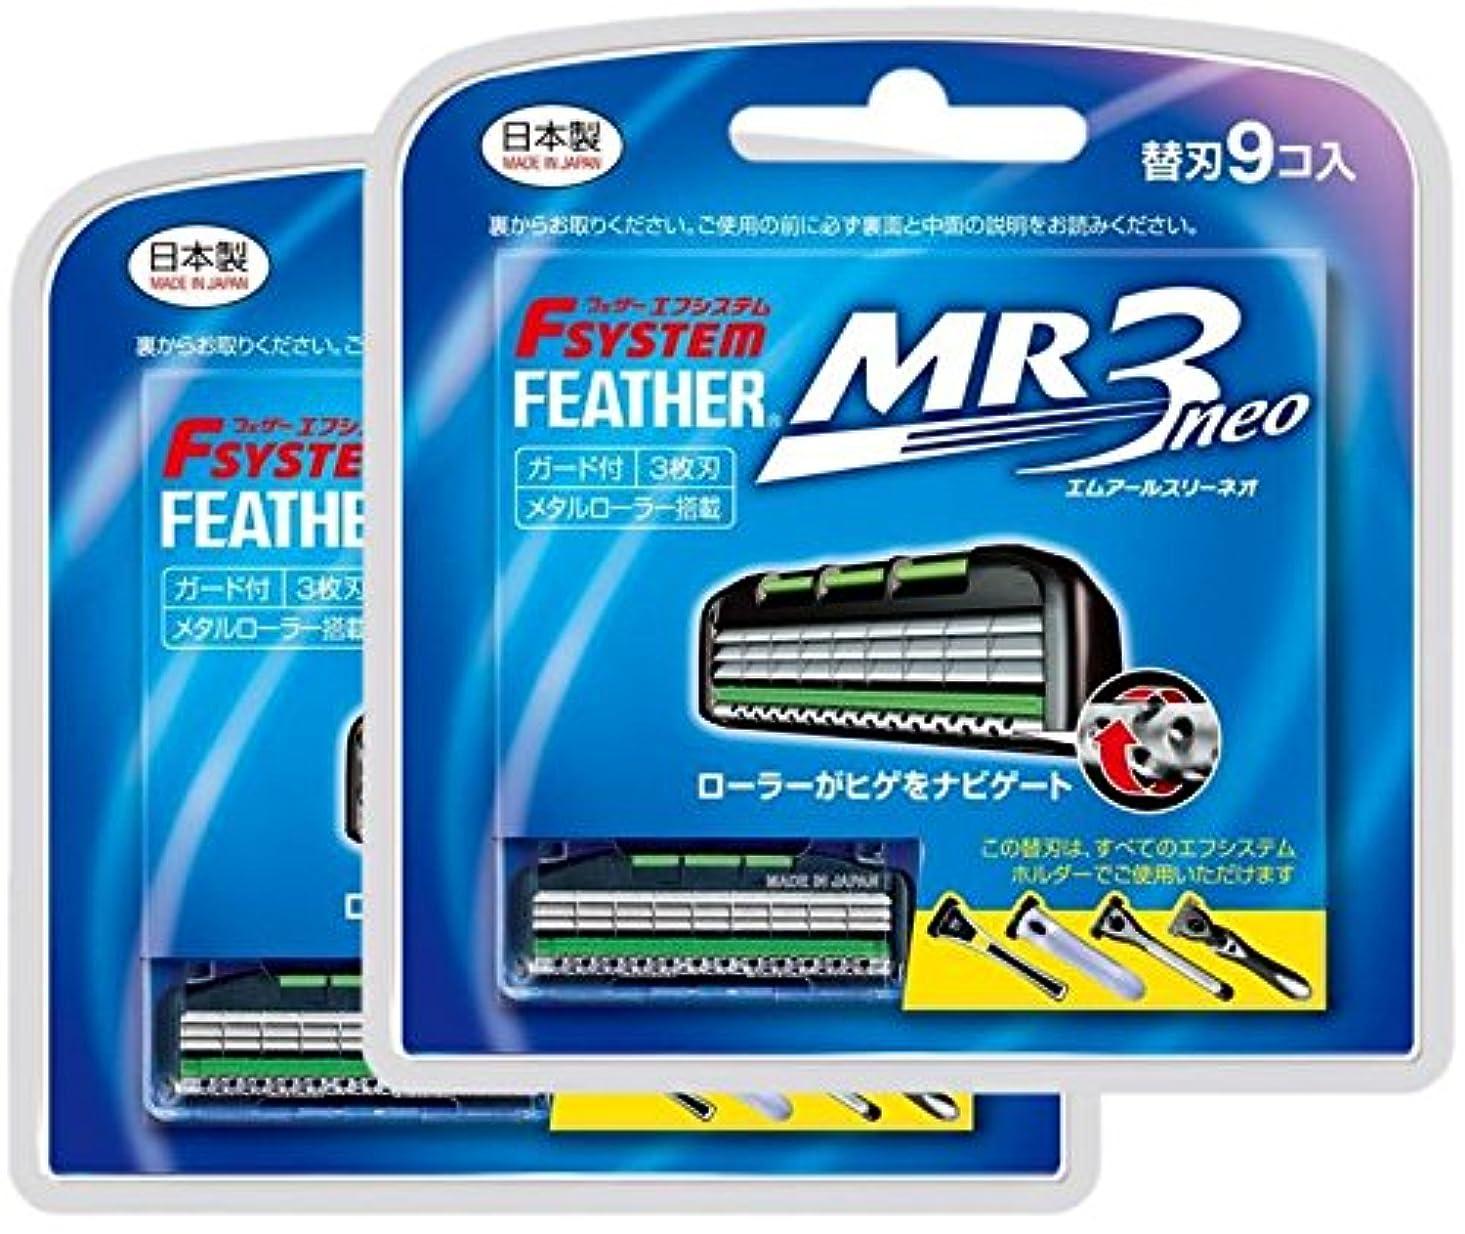 環境に優しい任意ミュートフェザー エフシステム 替刃 MR3ネオ 9コ入×2個セット